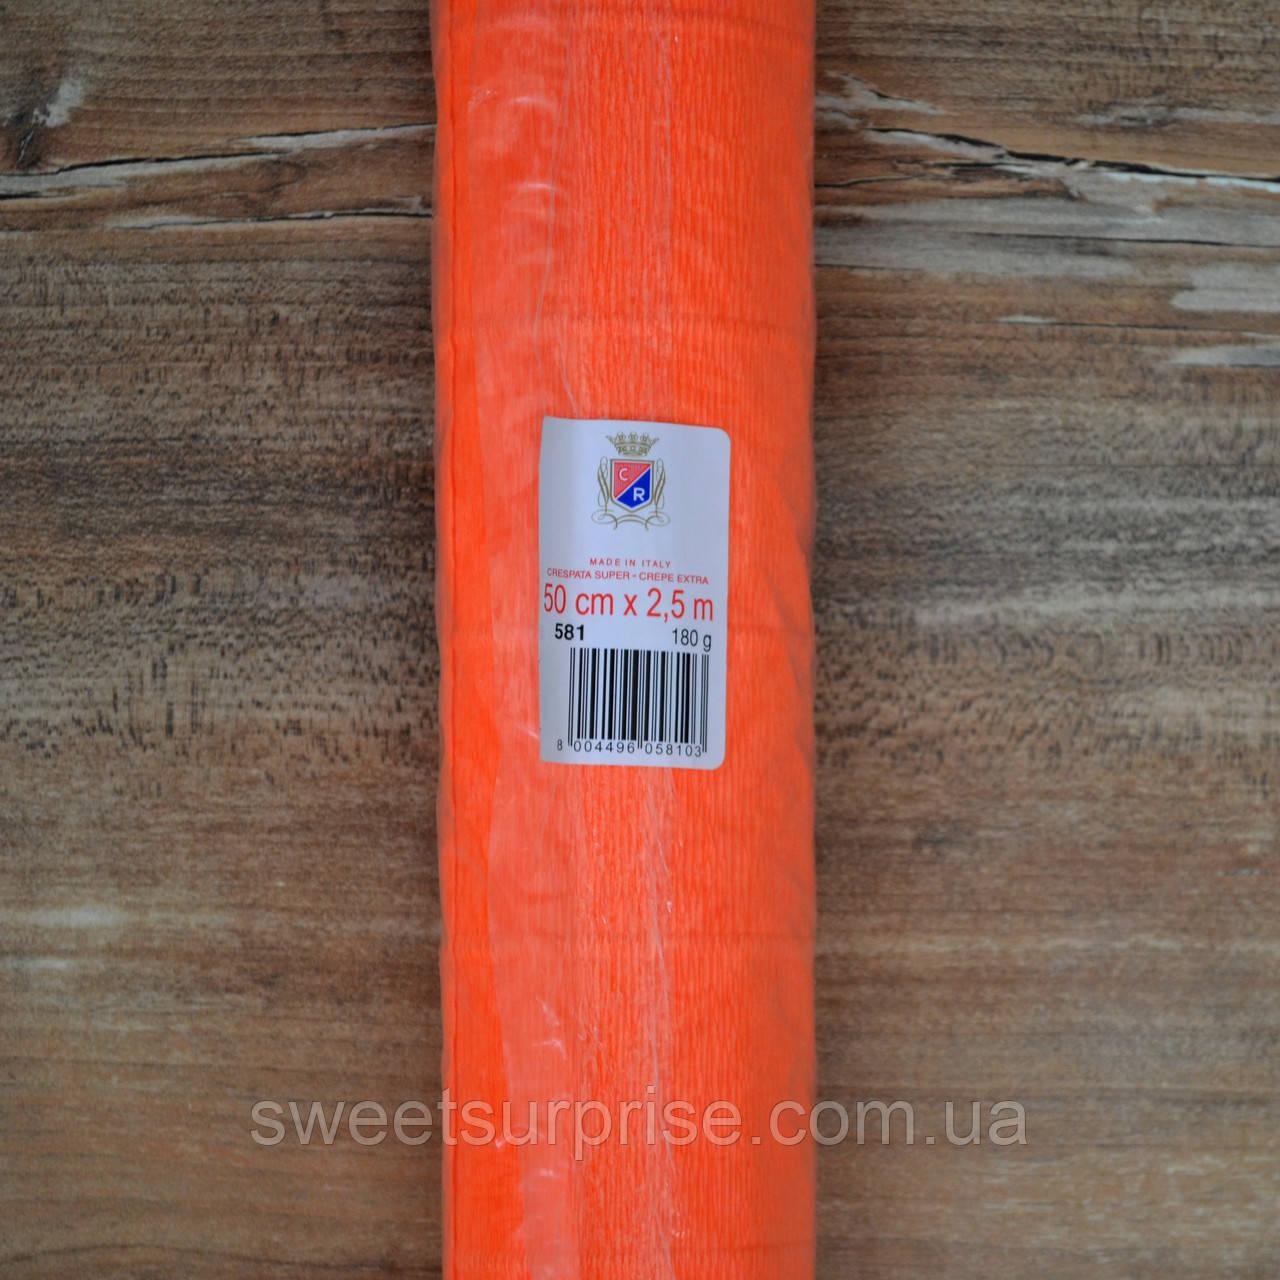 Итальянская гофрированная бумага (581) оранжевый